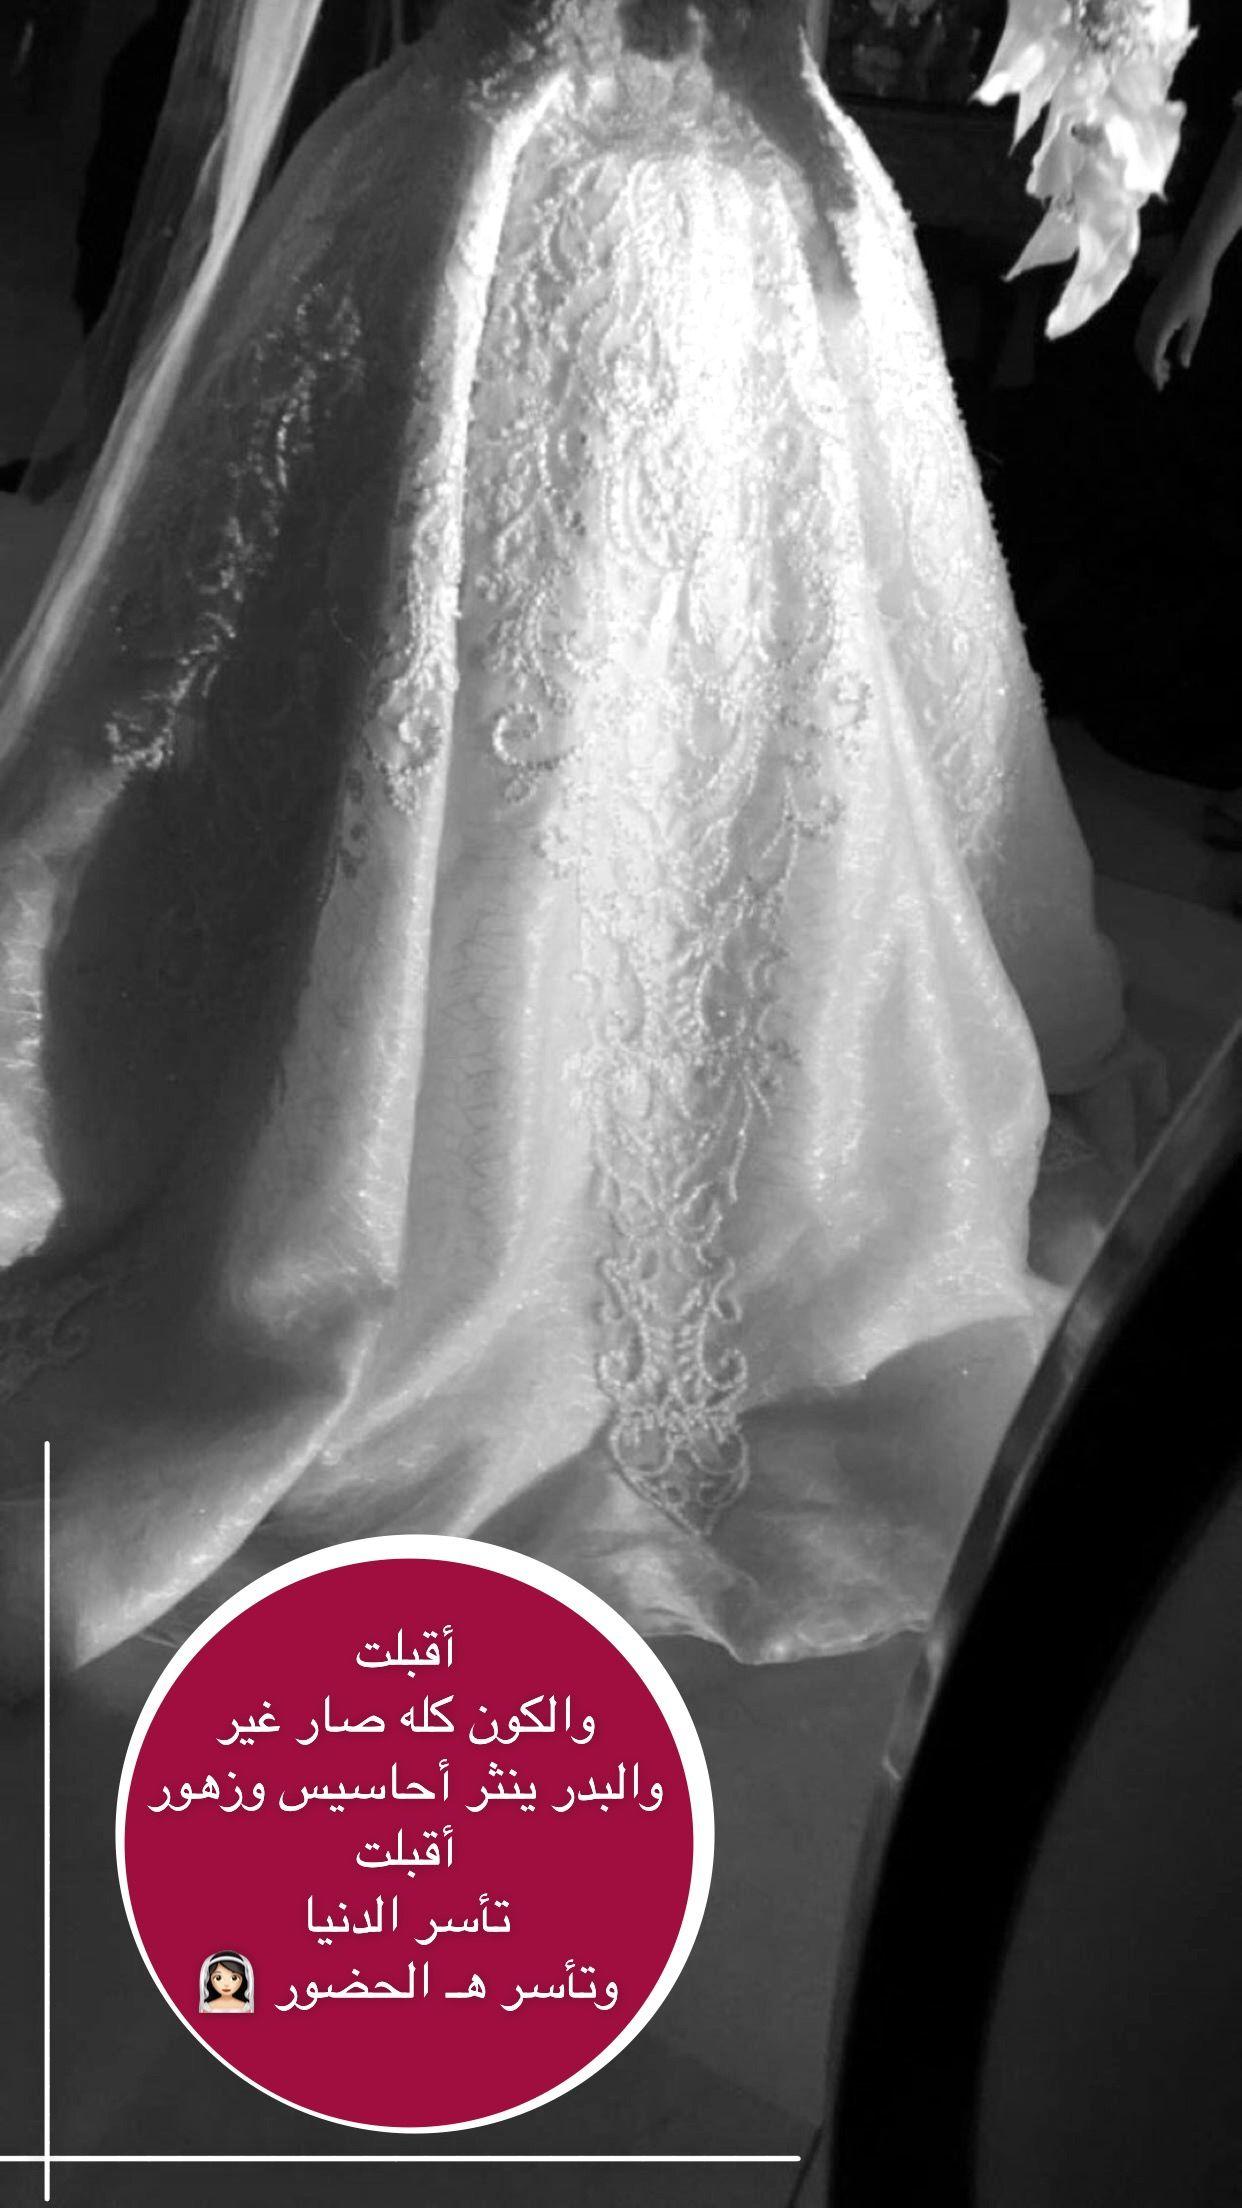 همسة أقبلت والكون كله صار غير والبدر ينثر أحاسيس وزهور أقبلت تأسر الدنيا وتأسر هـ الحضور Wedding Logo Design Bride Quotes Wedding Posters